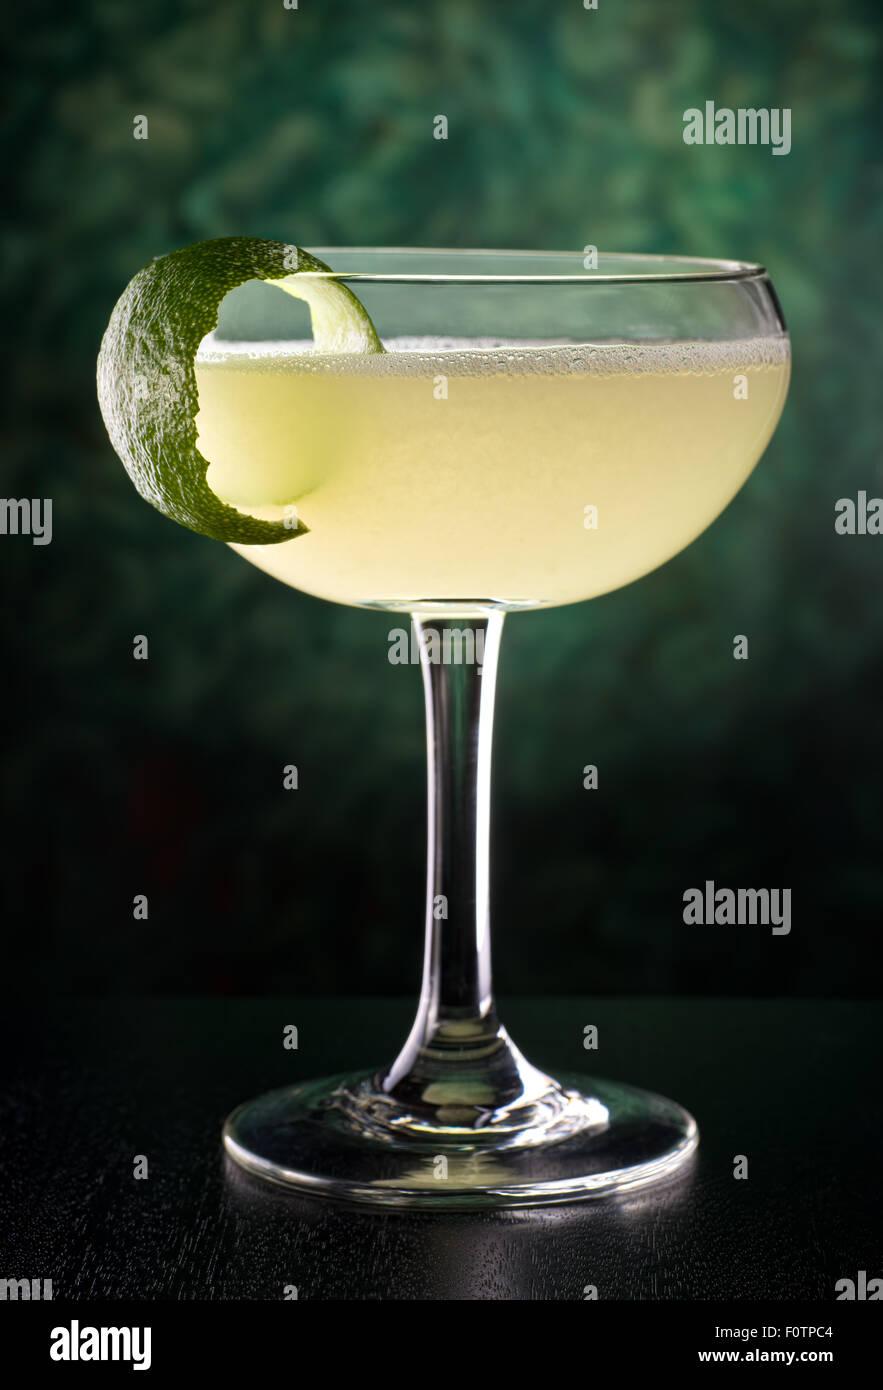 Un delicioso daiquiri de estilo clásico con ron, jugo de limón y azúcar. Imagen De Stock